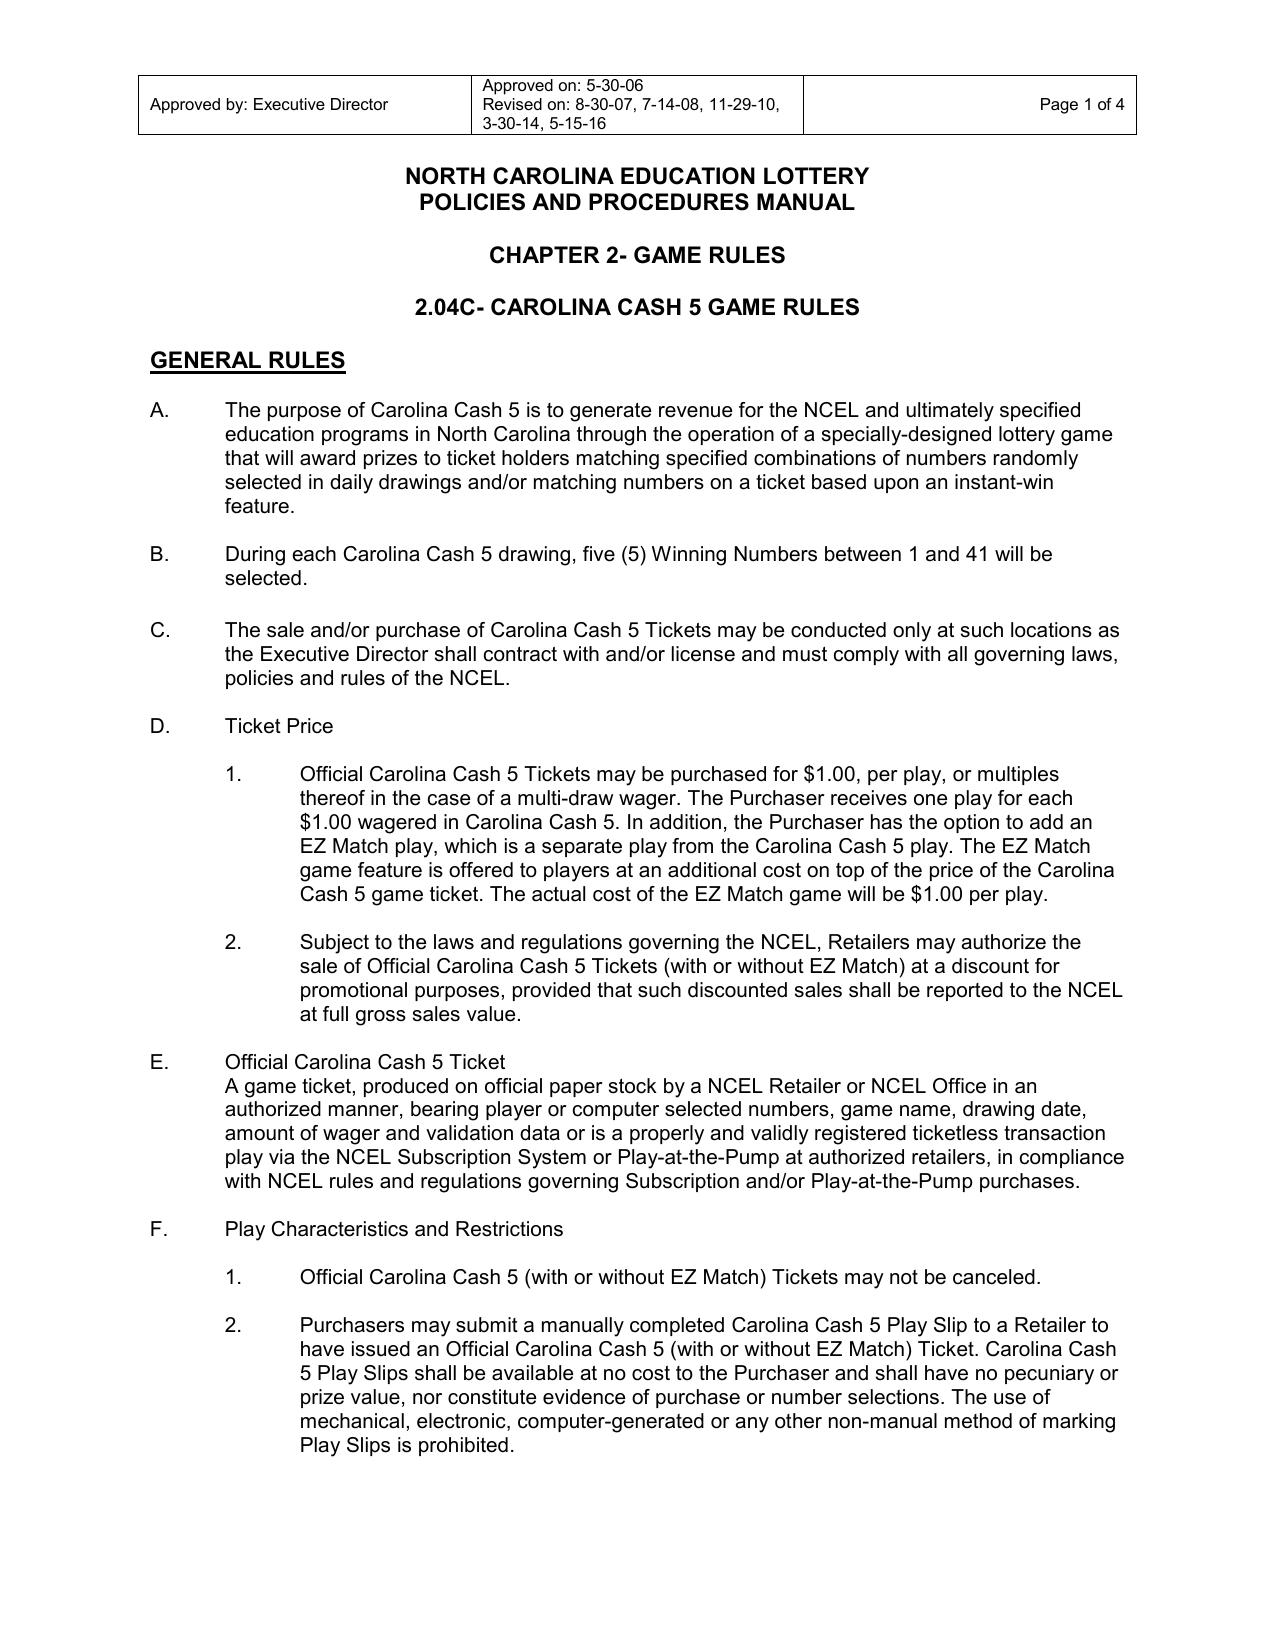 Carolina Cash 5 Game Rules | manualzz com